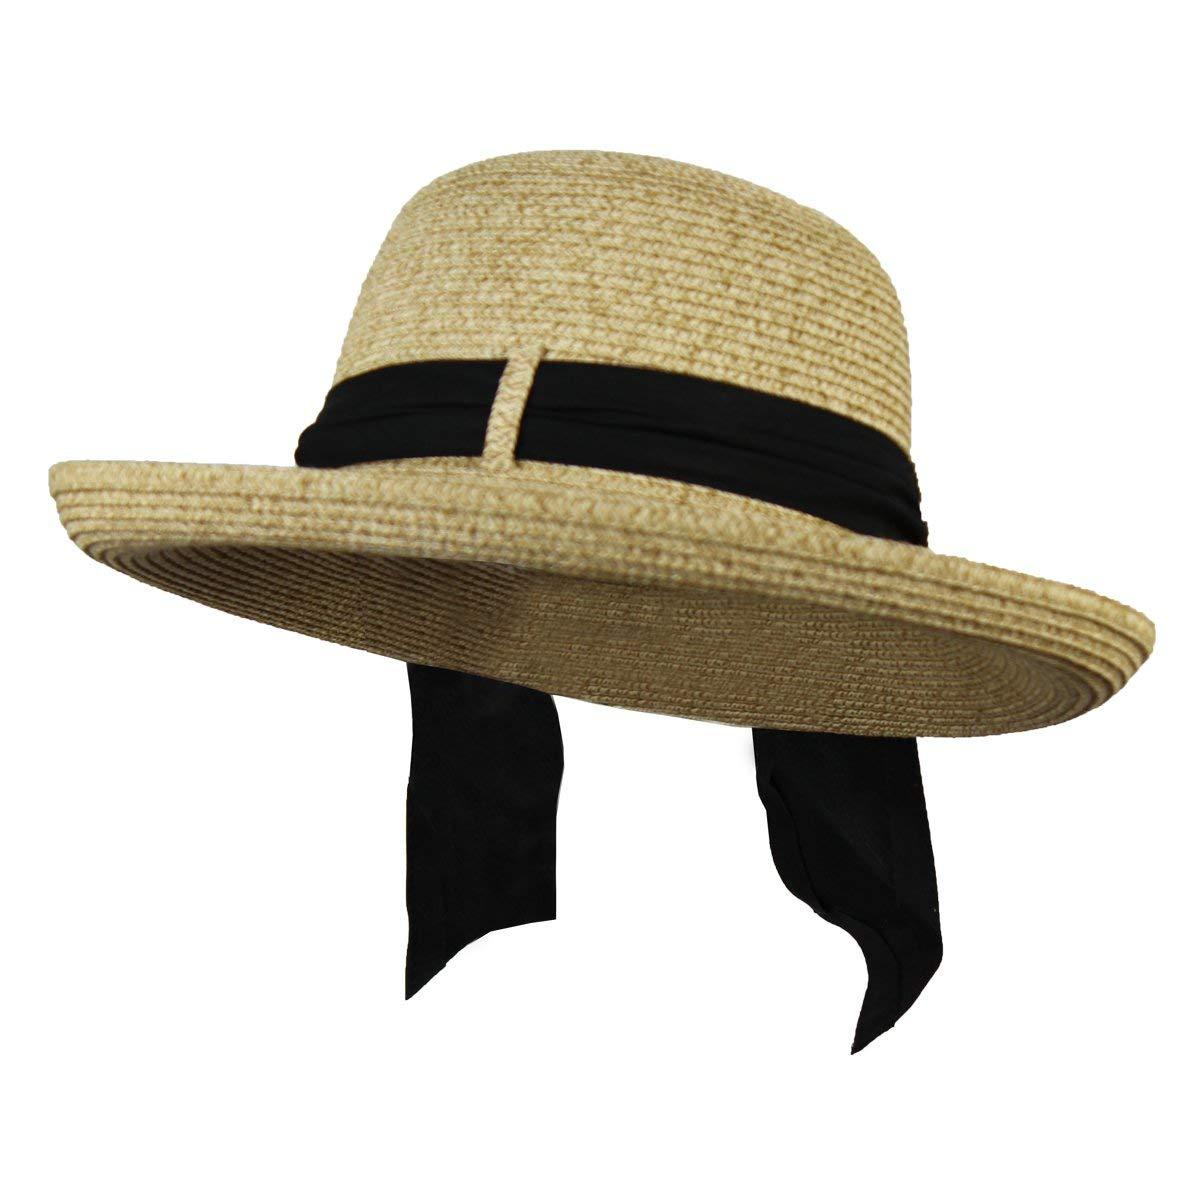 Folie Co. Kettle Brim Summer Straw Sun Hat w/Black Sash – Derby, Gardening, Beach Cap